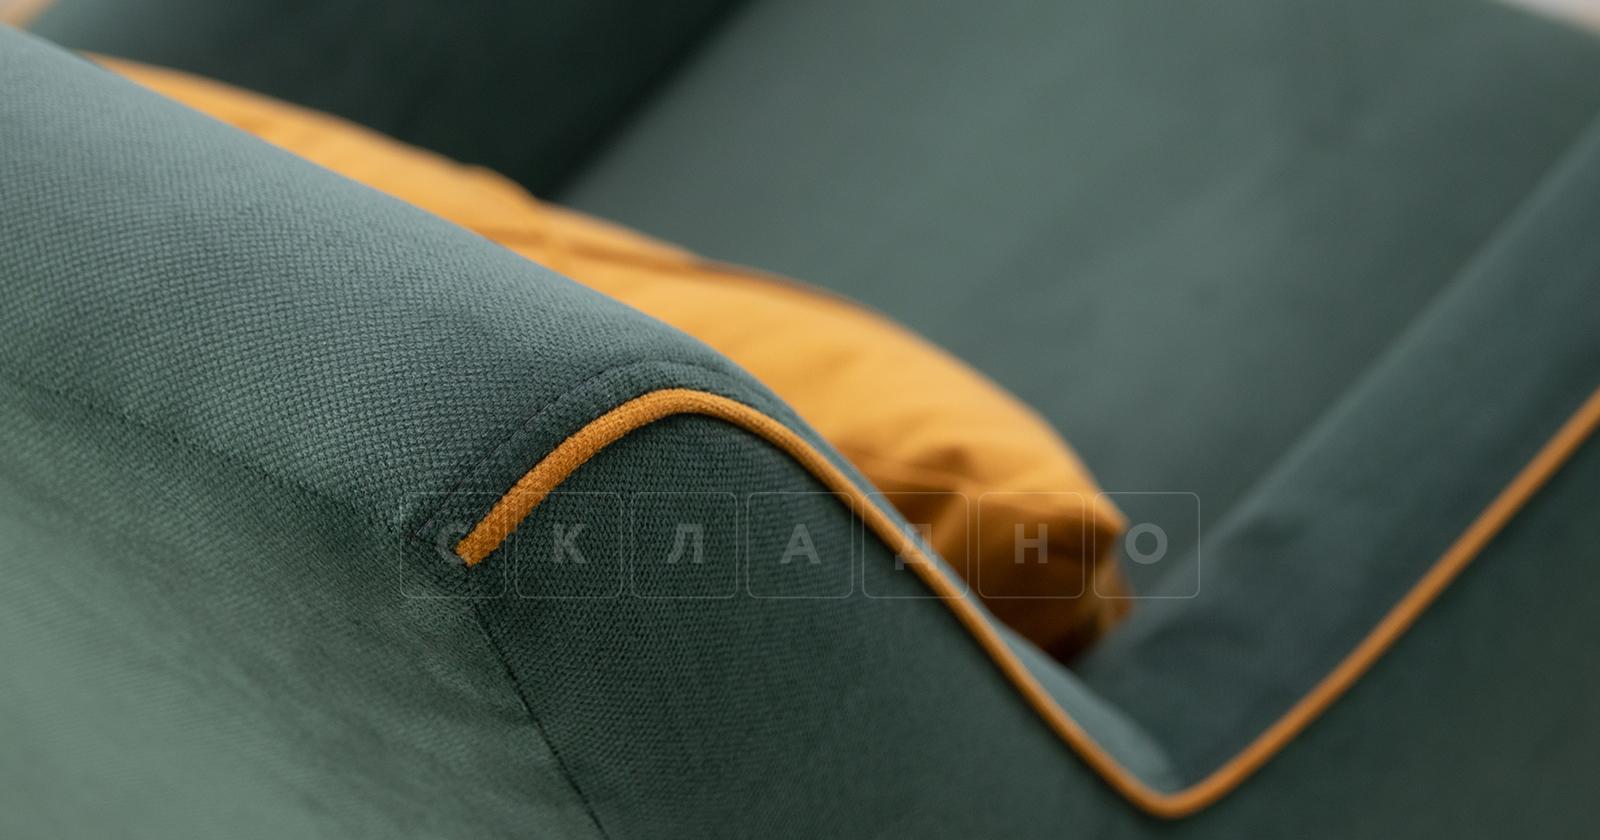 Кресло для отдыха Флэтфорд нефритовый зеленый фото 10 | интернет-магазин Складно